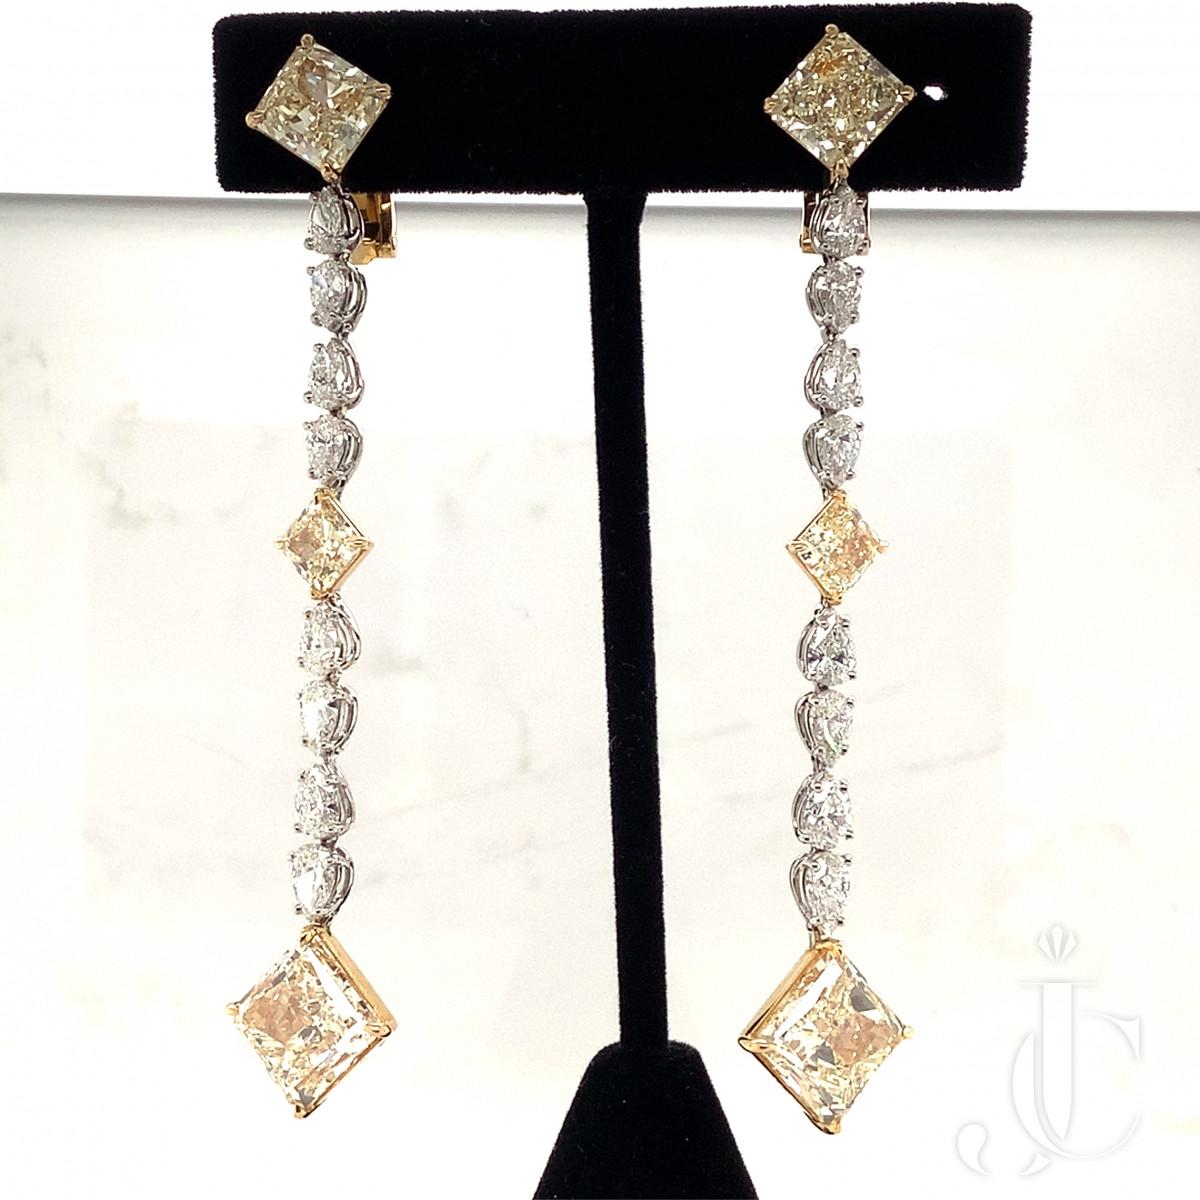 Pair of Hanging Diamond Earrings